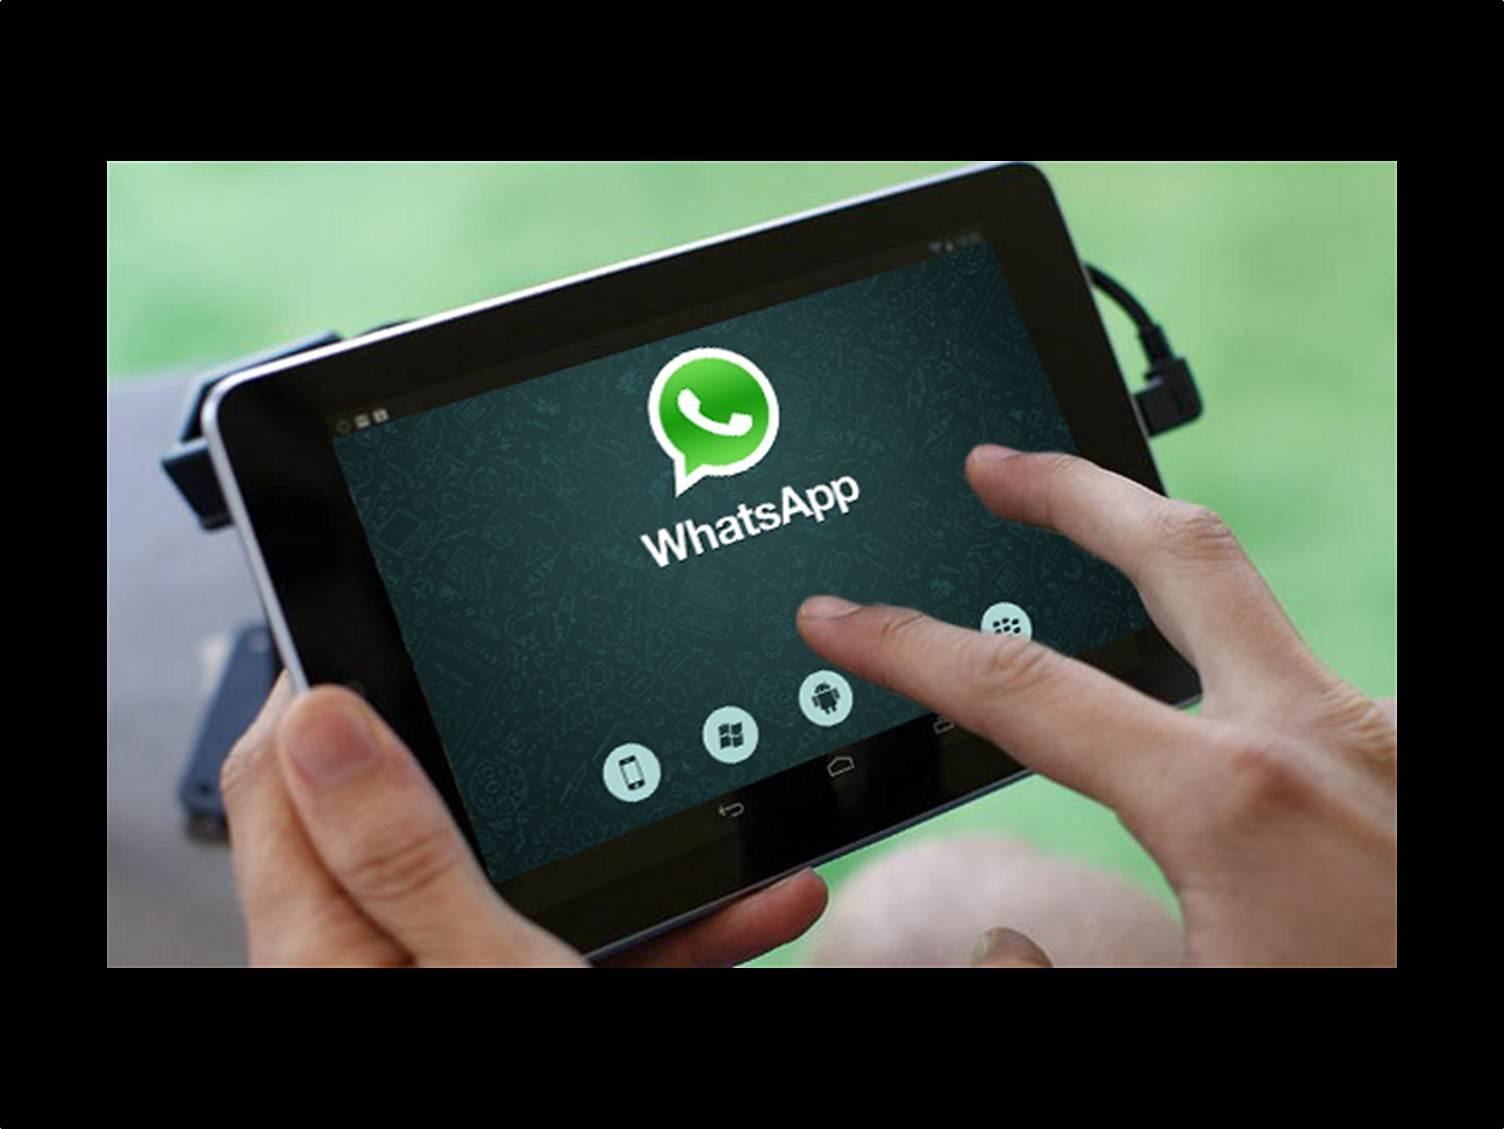 la tablet se queda en el logo de android